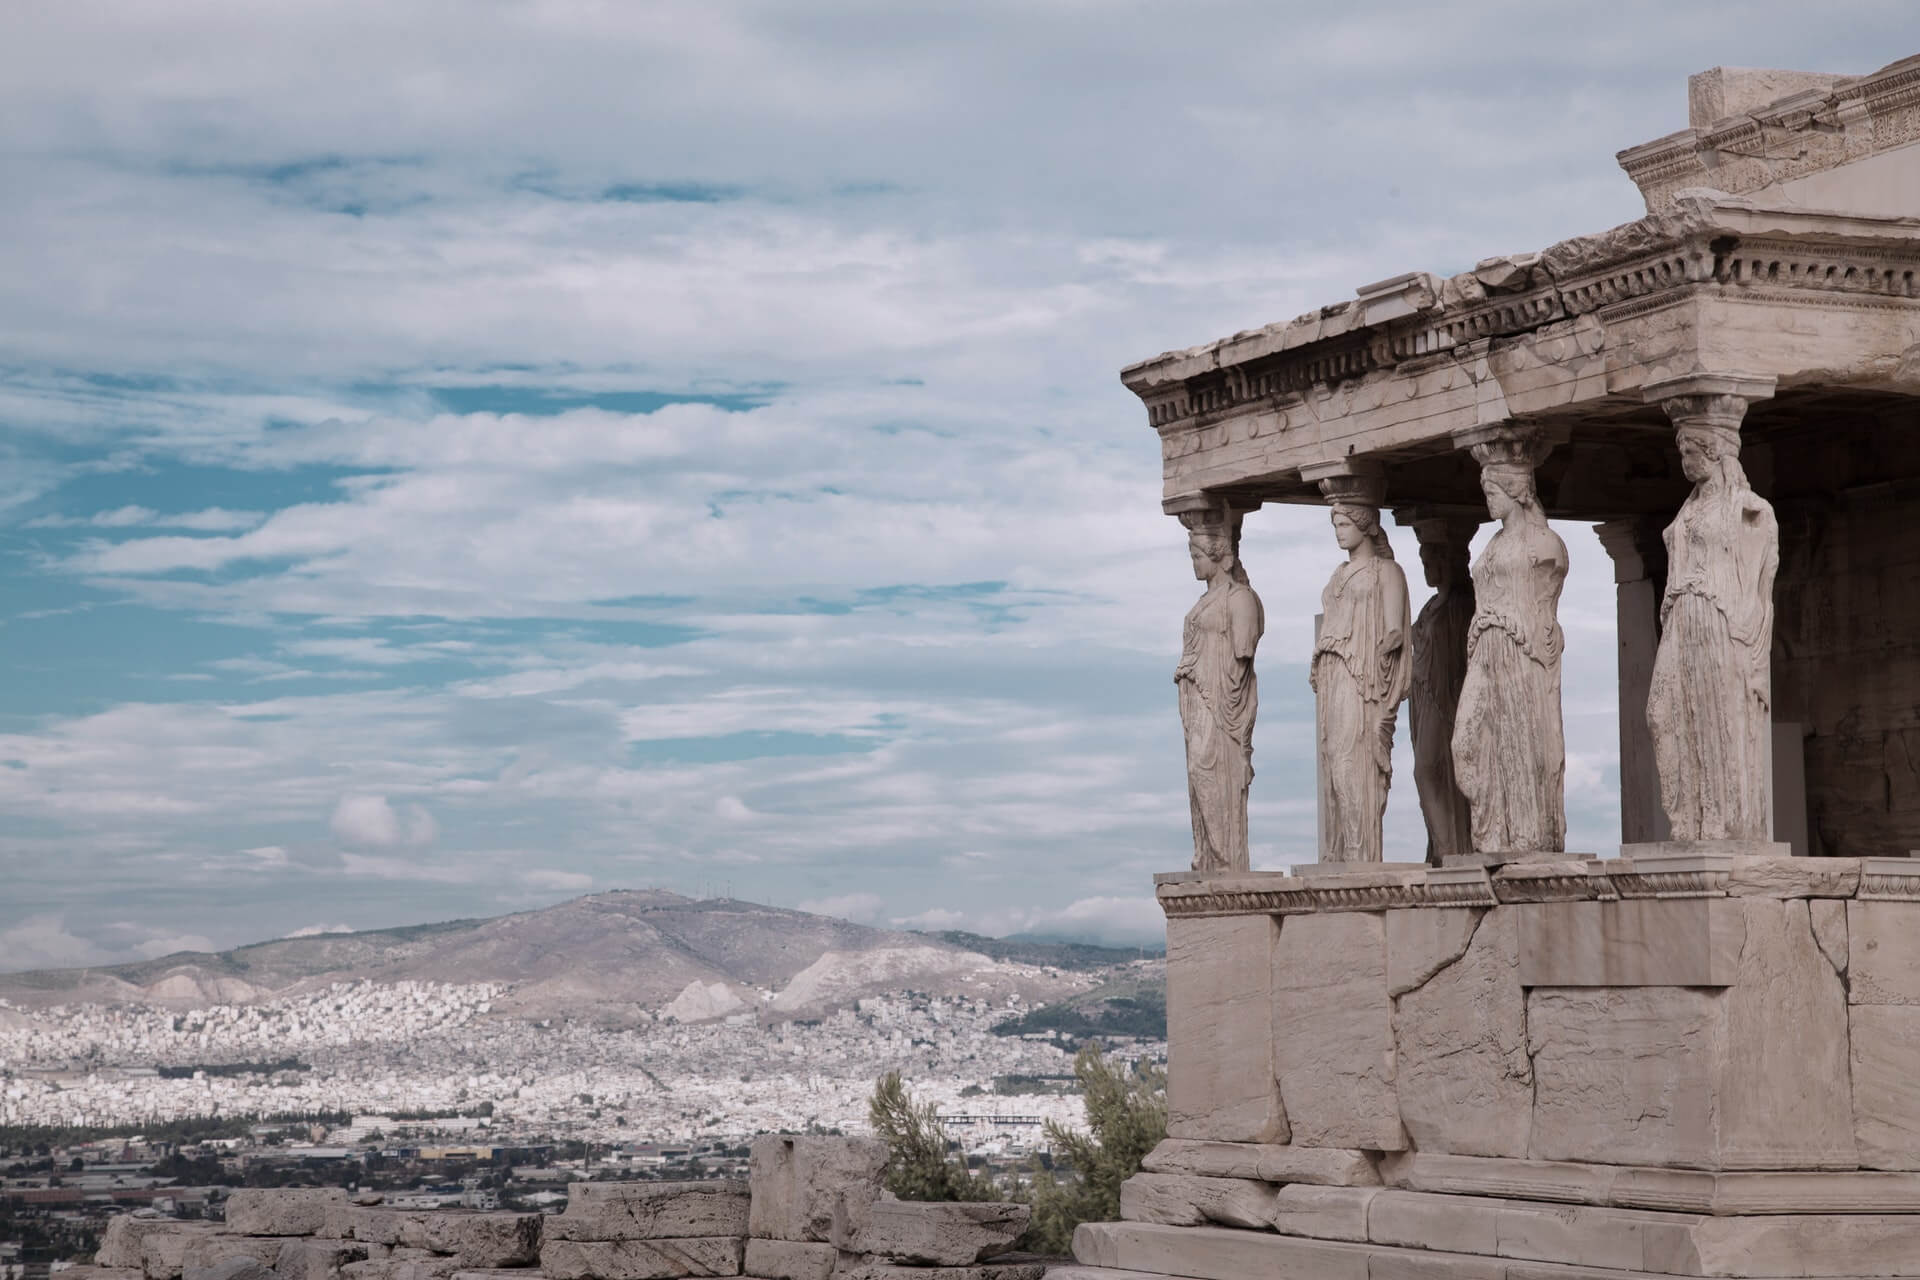 השקעות נדלן באתונה - תמונת מצב לשנת 2019